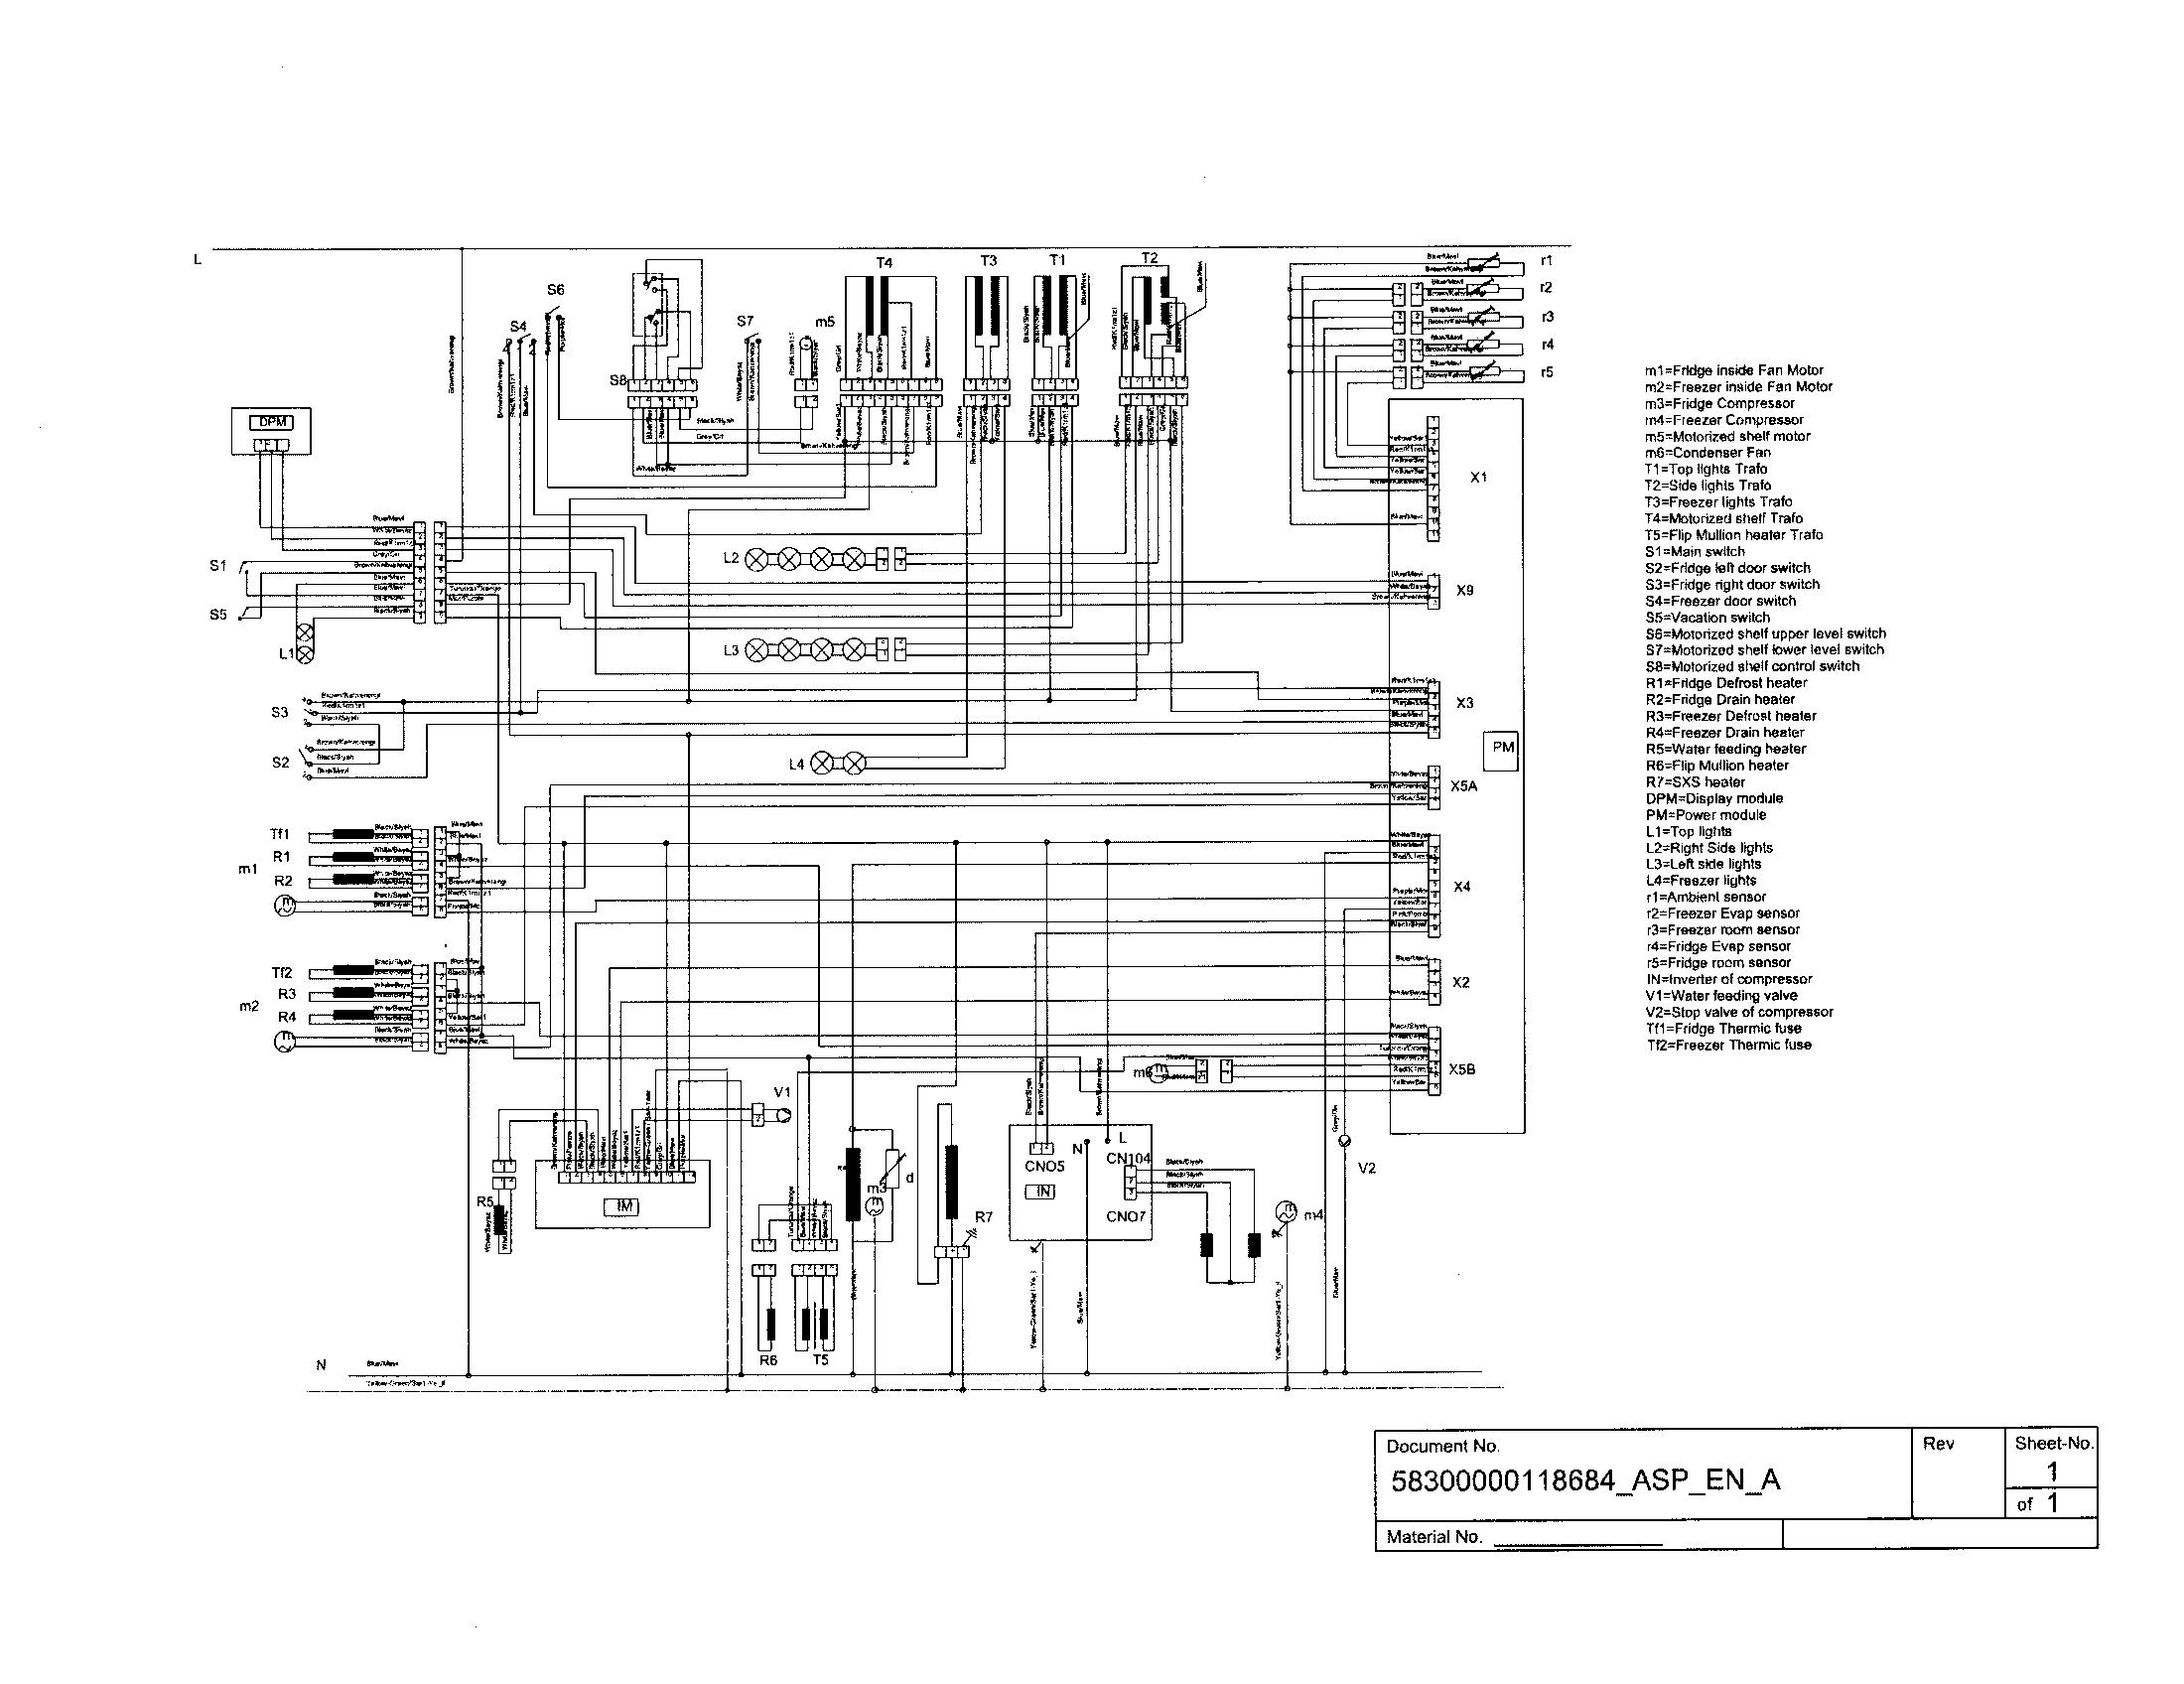 model wiring traulsen diagram ur48dt a wiring diagram article reviewtraulsen wiring schematics wiring diagrams bibwiring traulsen [ 2200 x 1696 Pixel ]